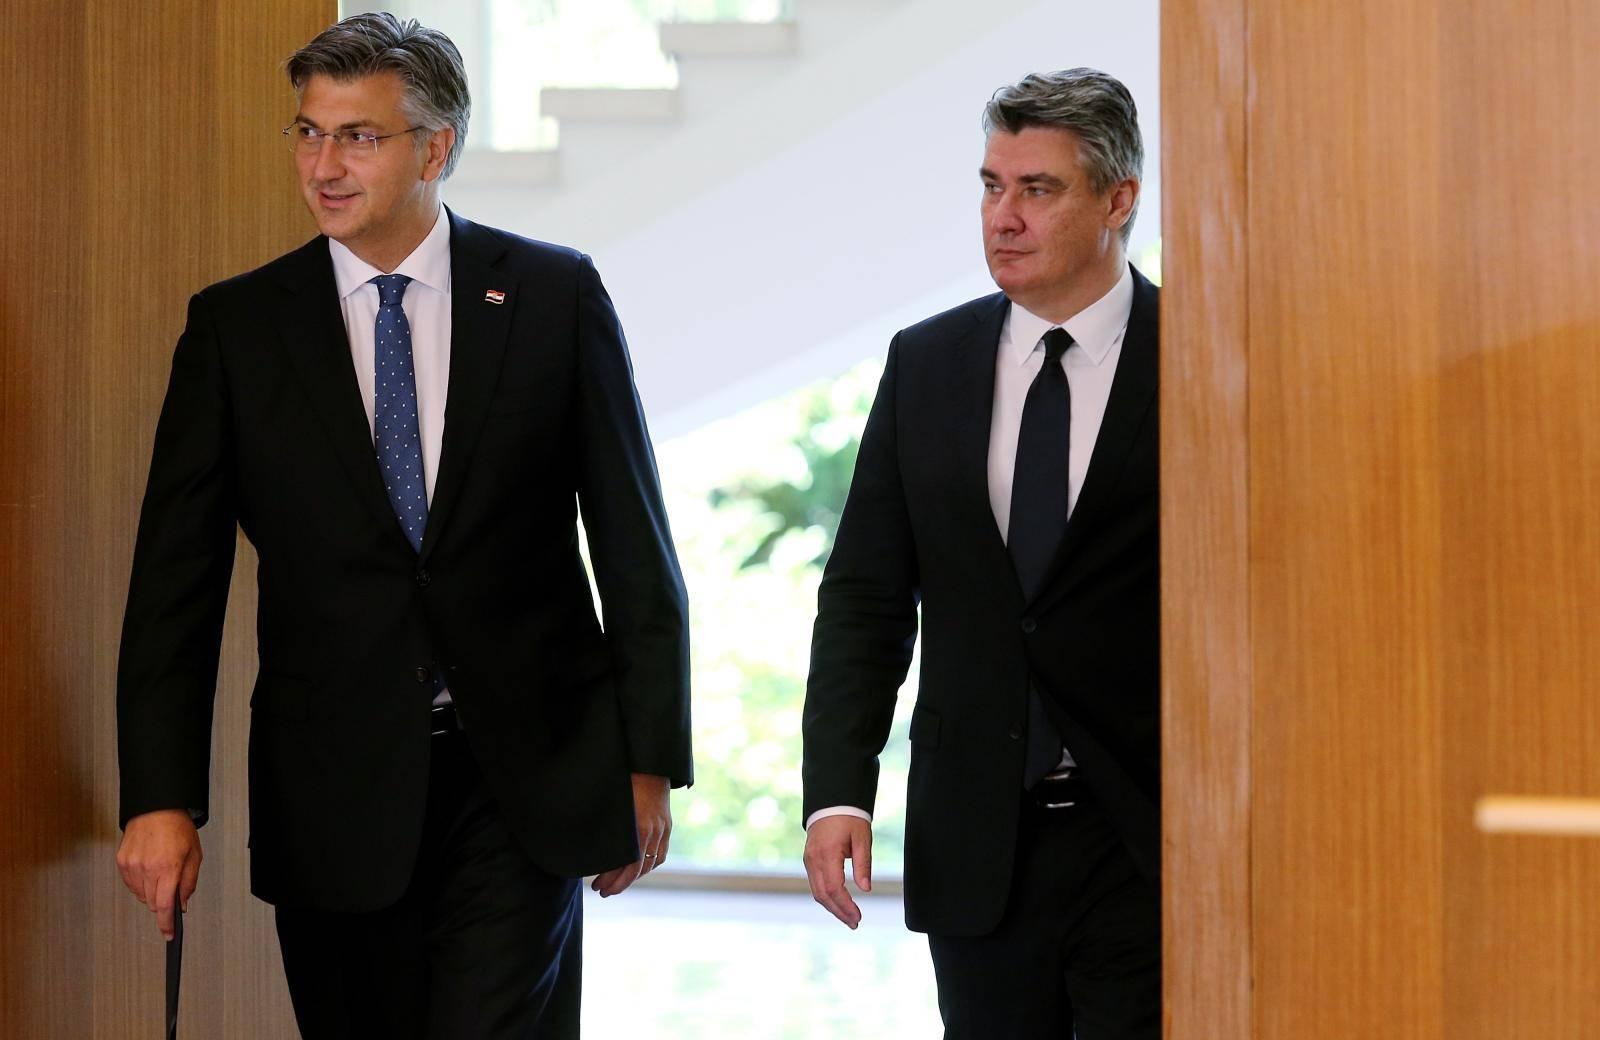 'Premijer nije medijima otkrio detalje sastanka s Milanovićem'